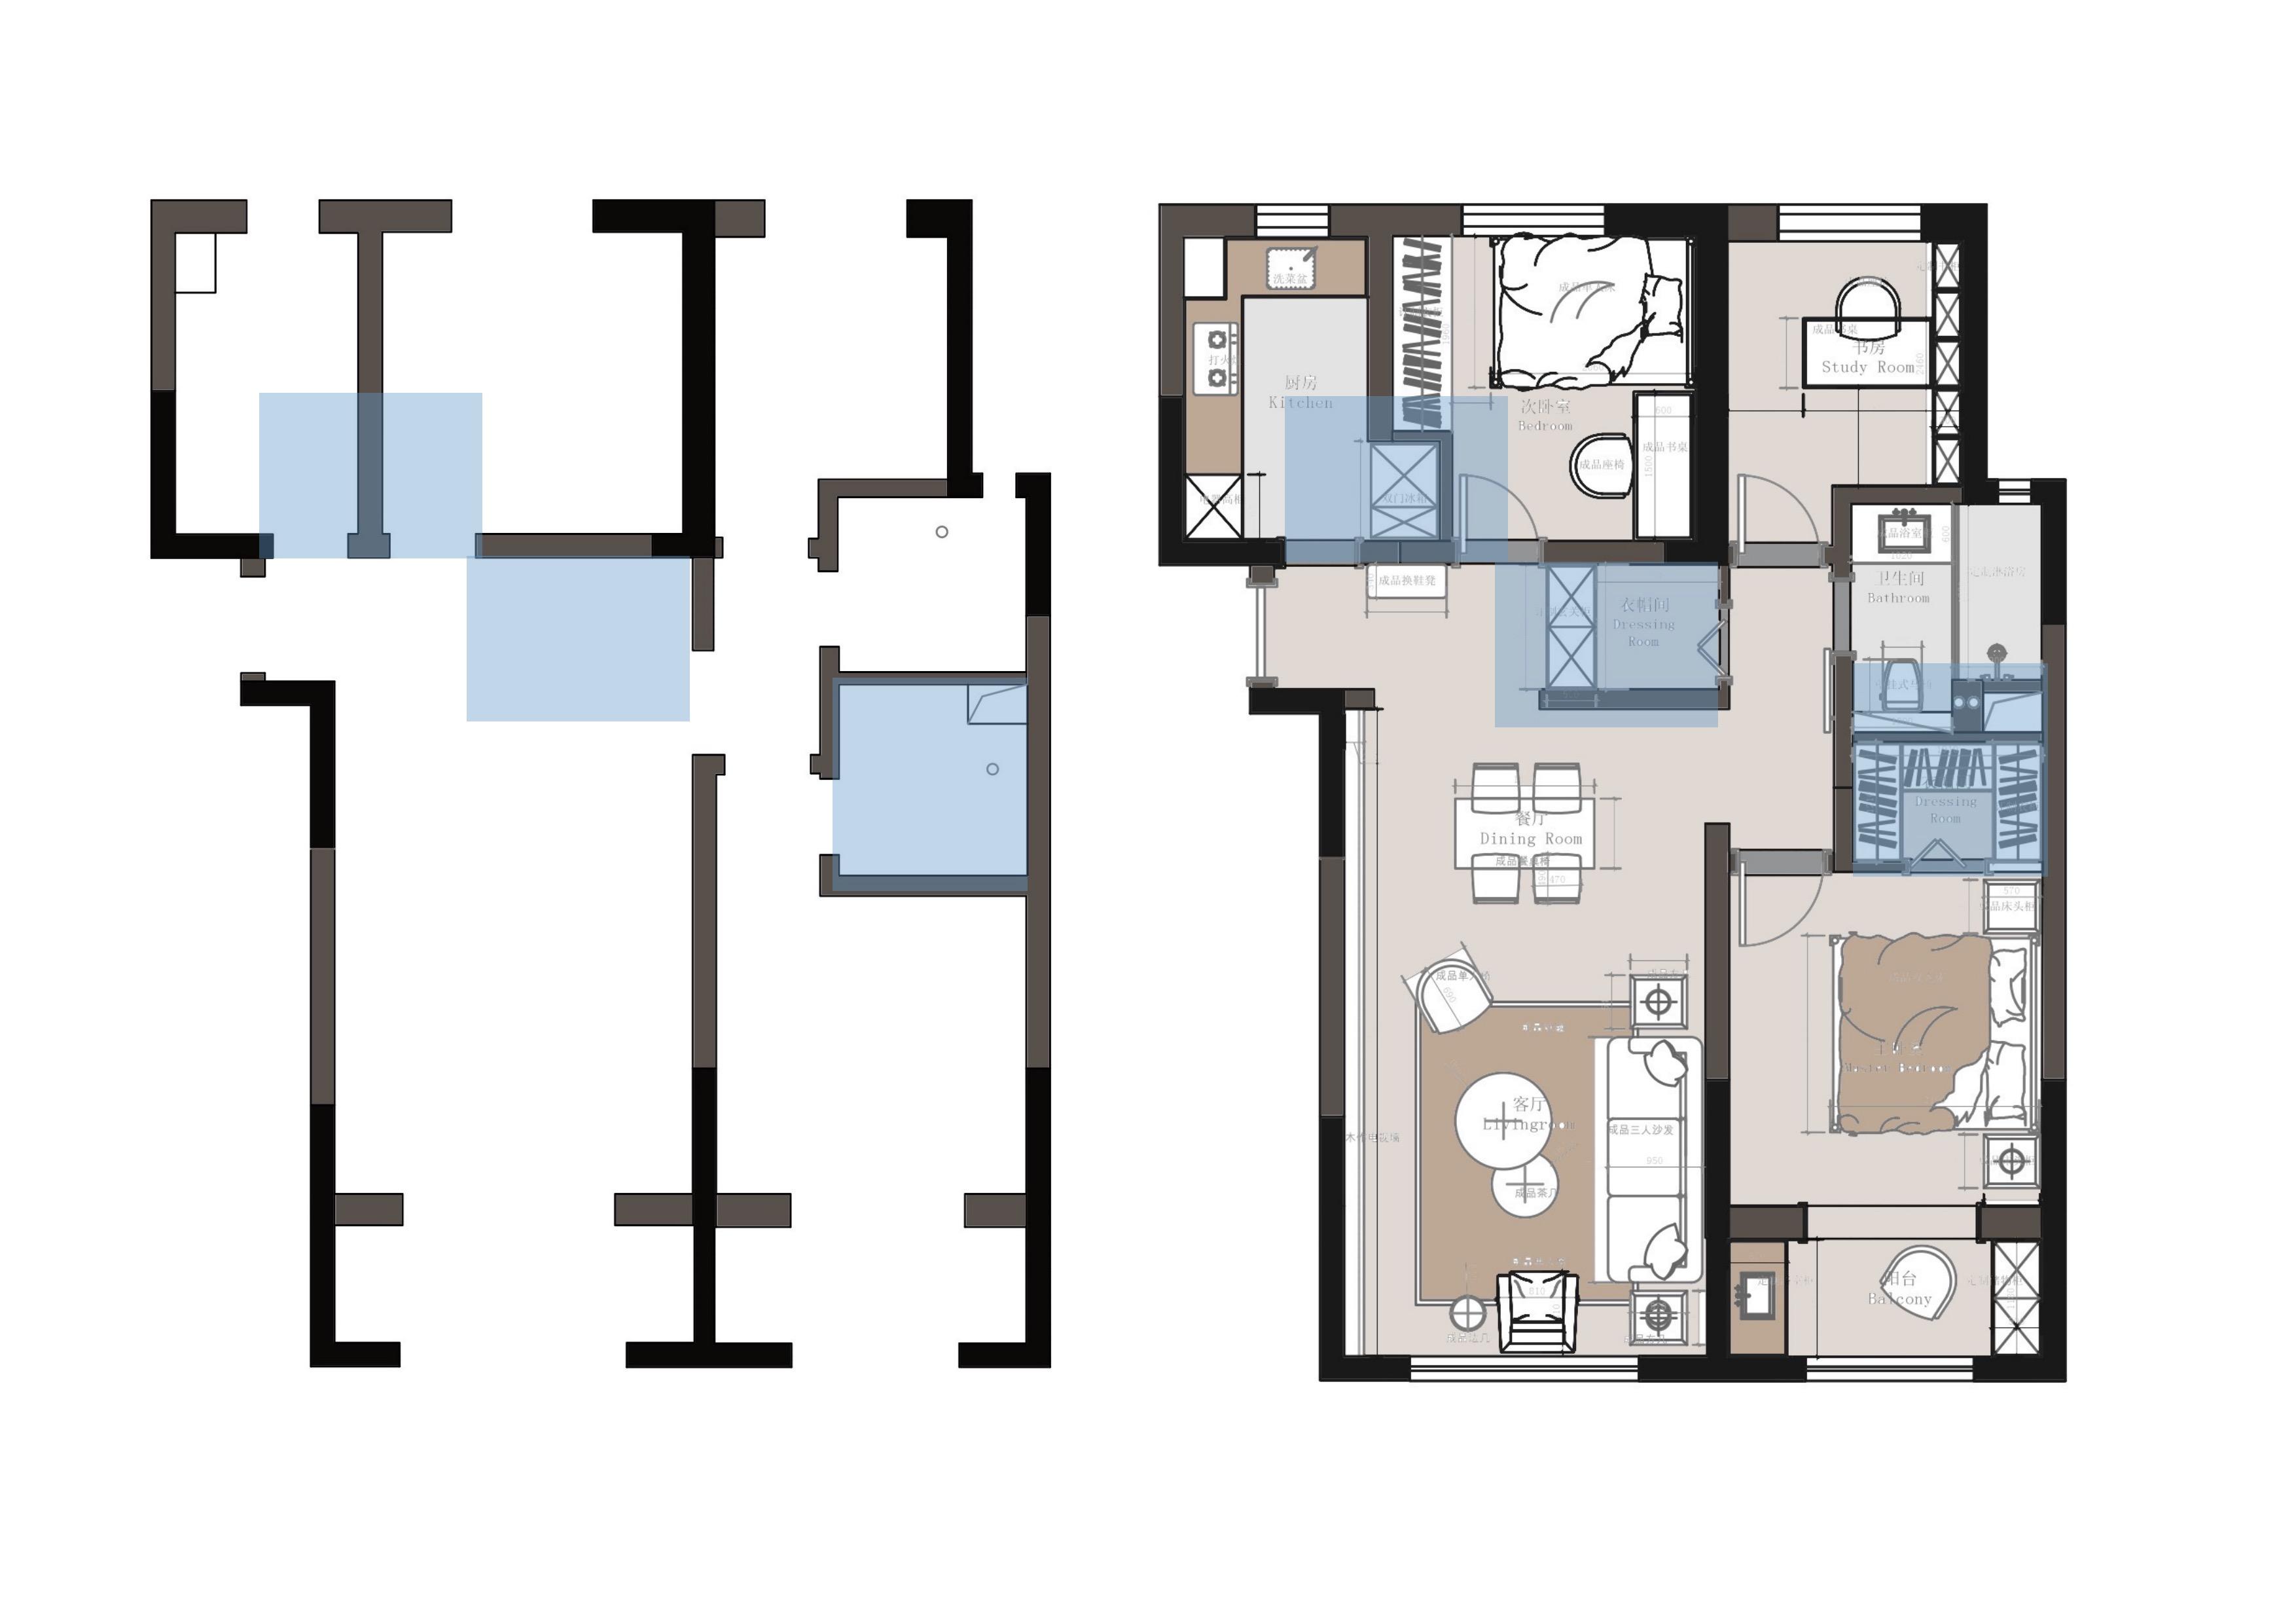 茉莉公馆 110㎡ 北欧装修设计理念